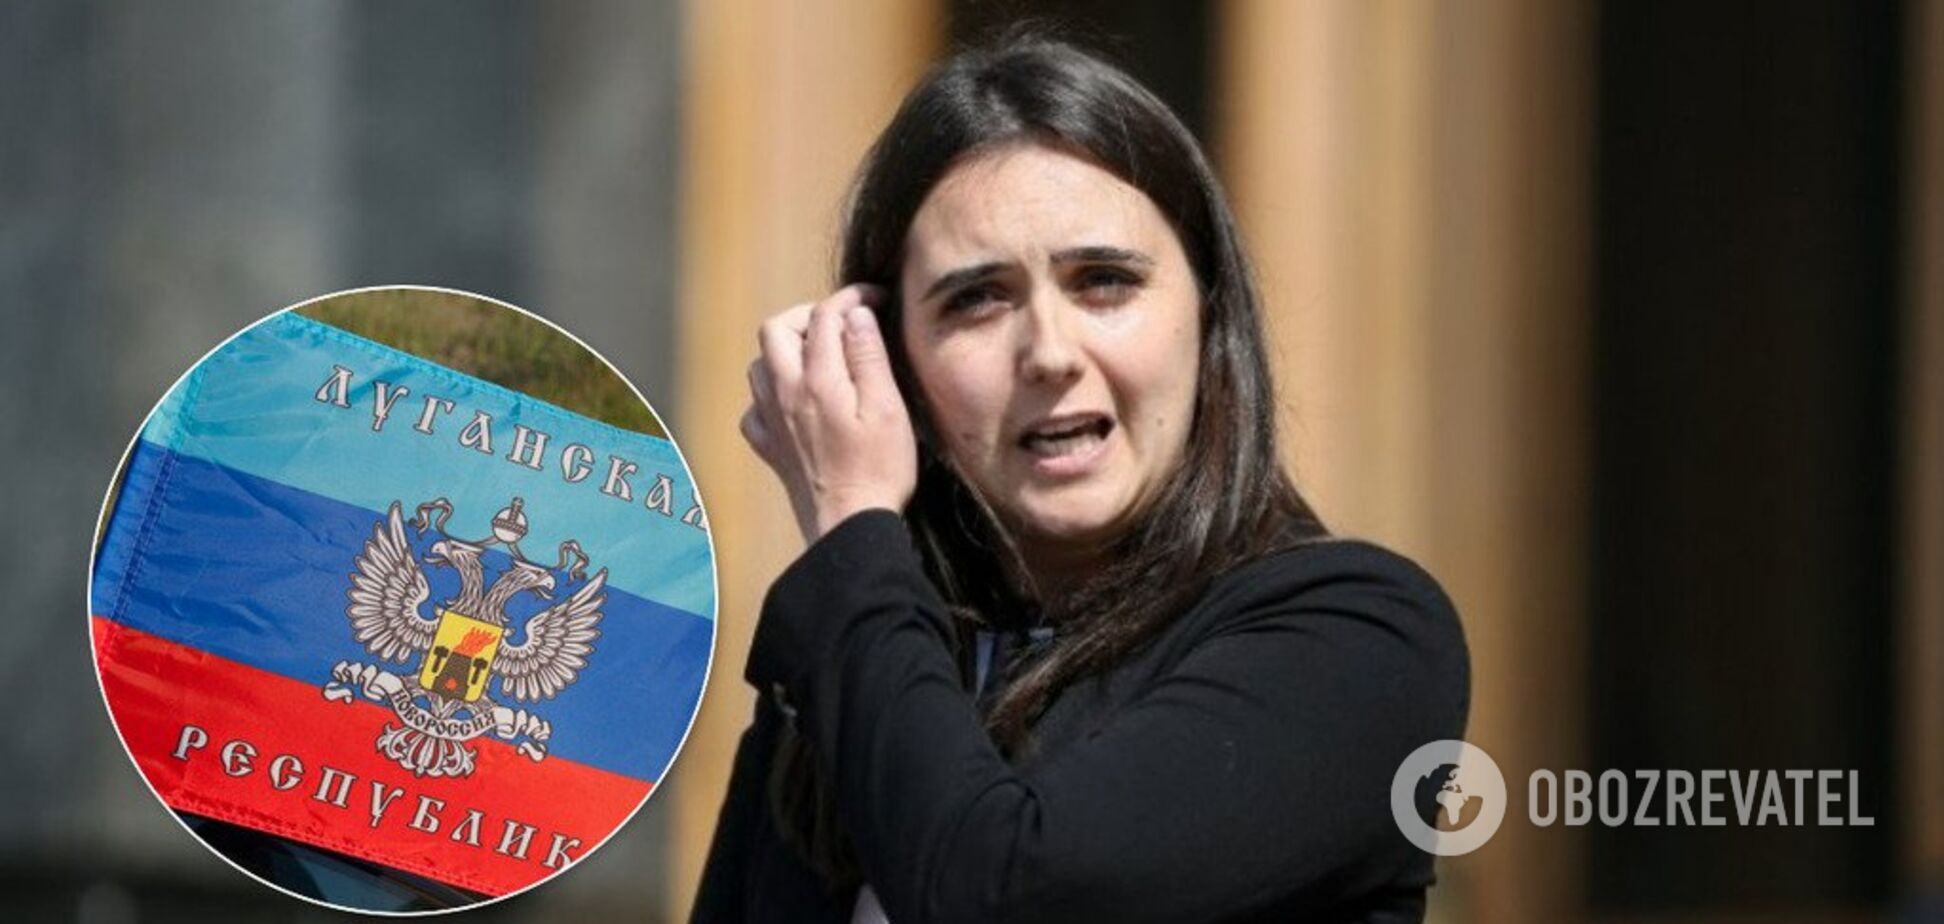 Мендель разозлила украинцев фото с флагами 'ЛНР'